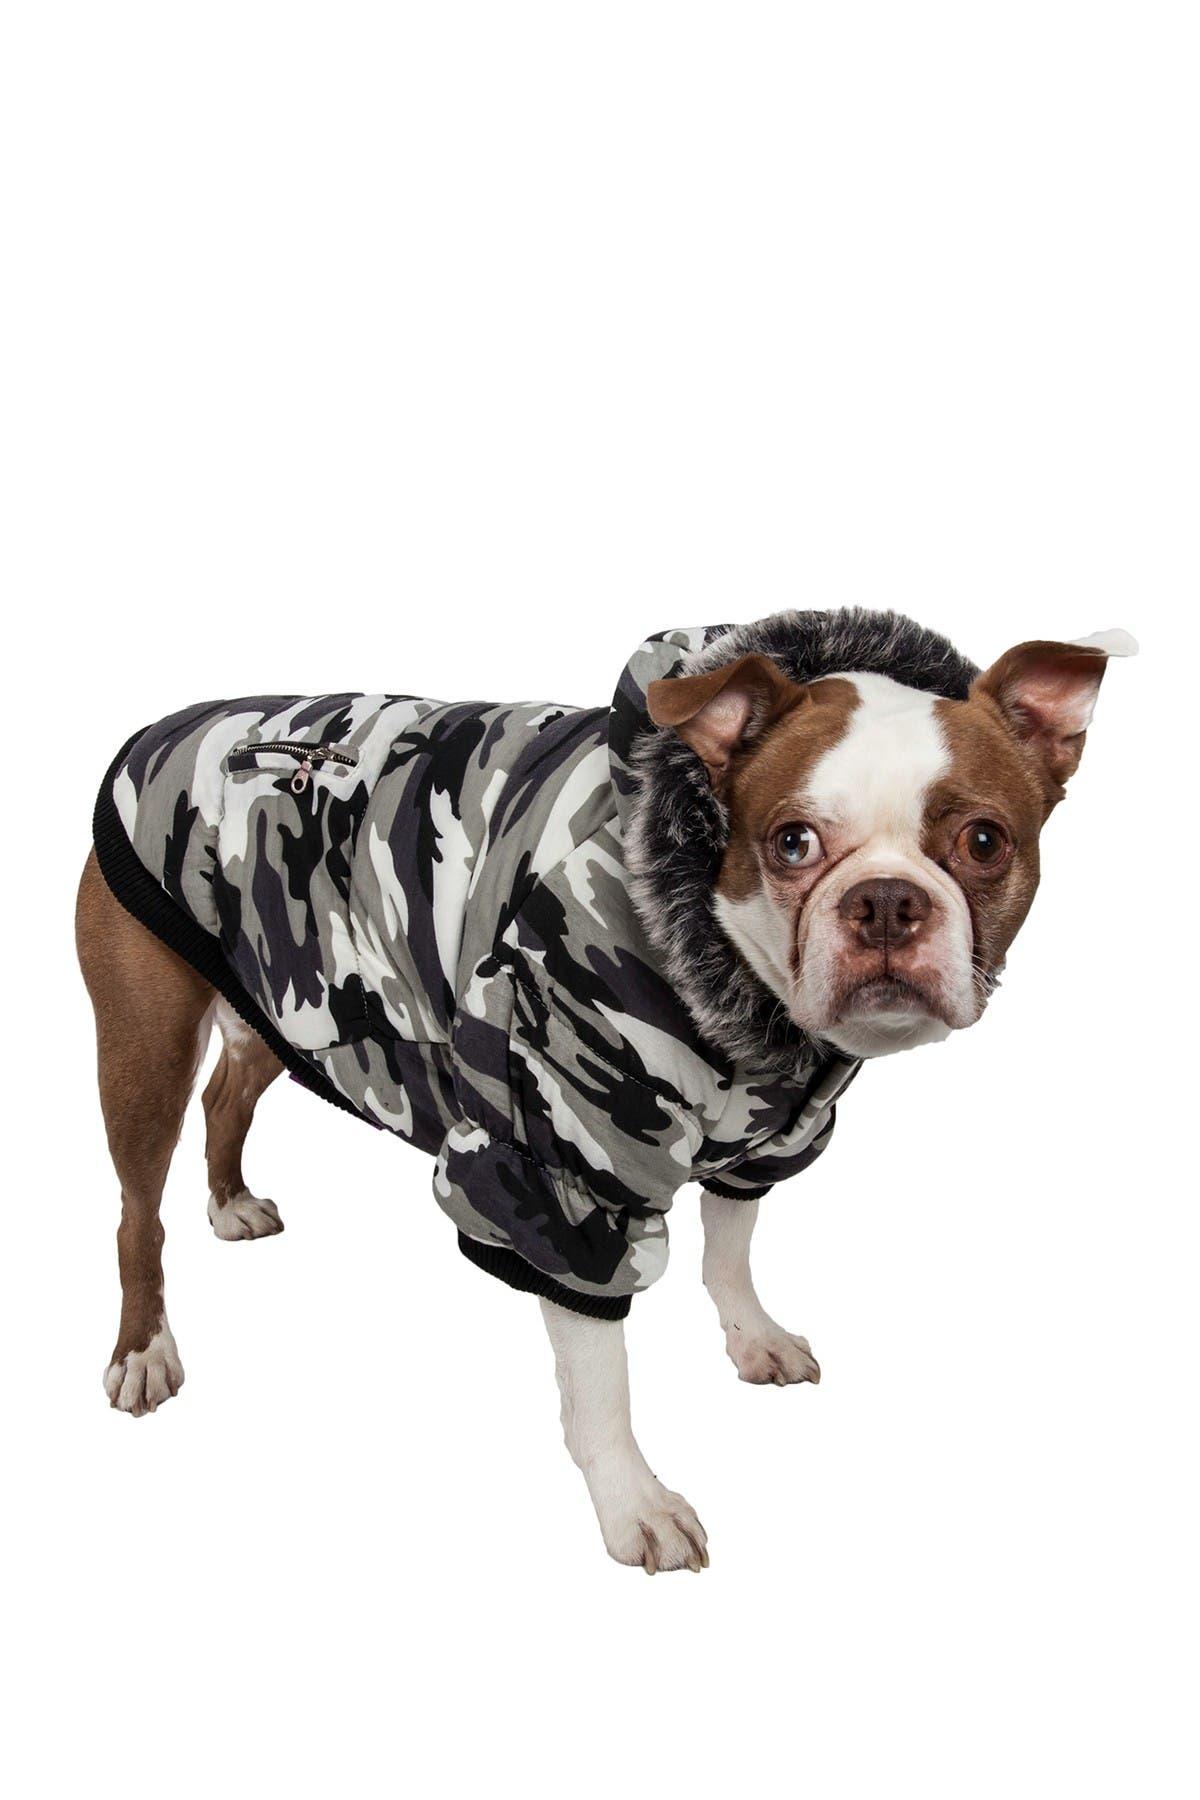 Image of PETKIT Fashion Pet Parka Coat - Large